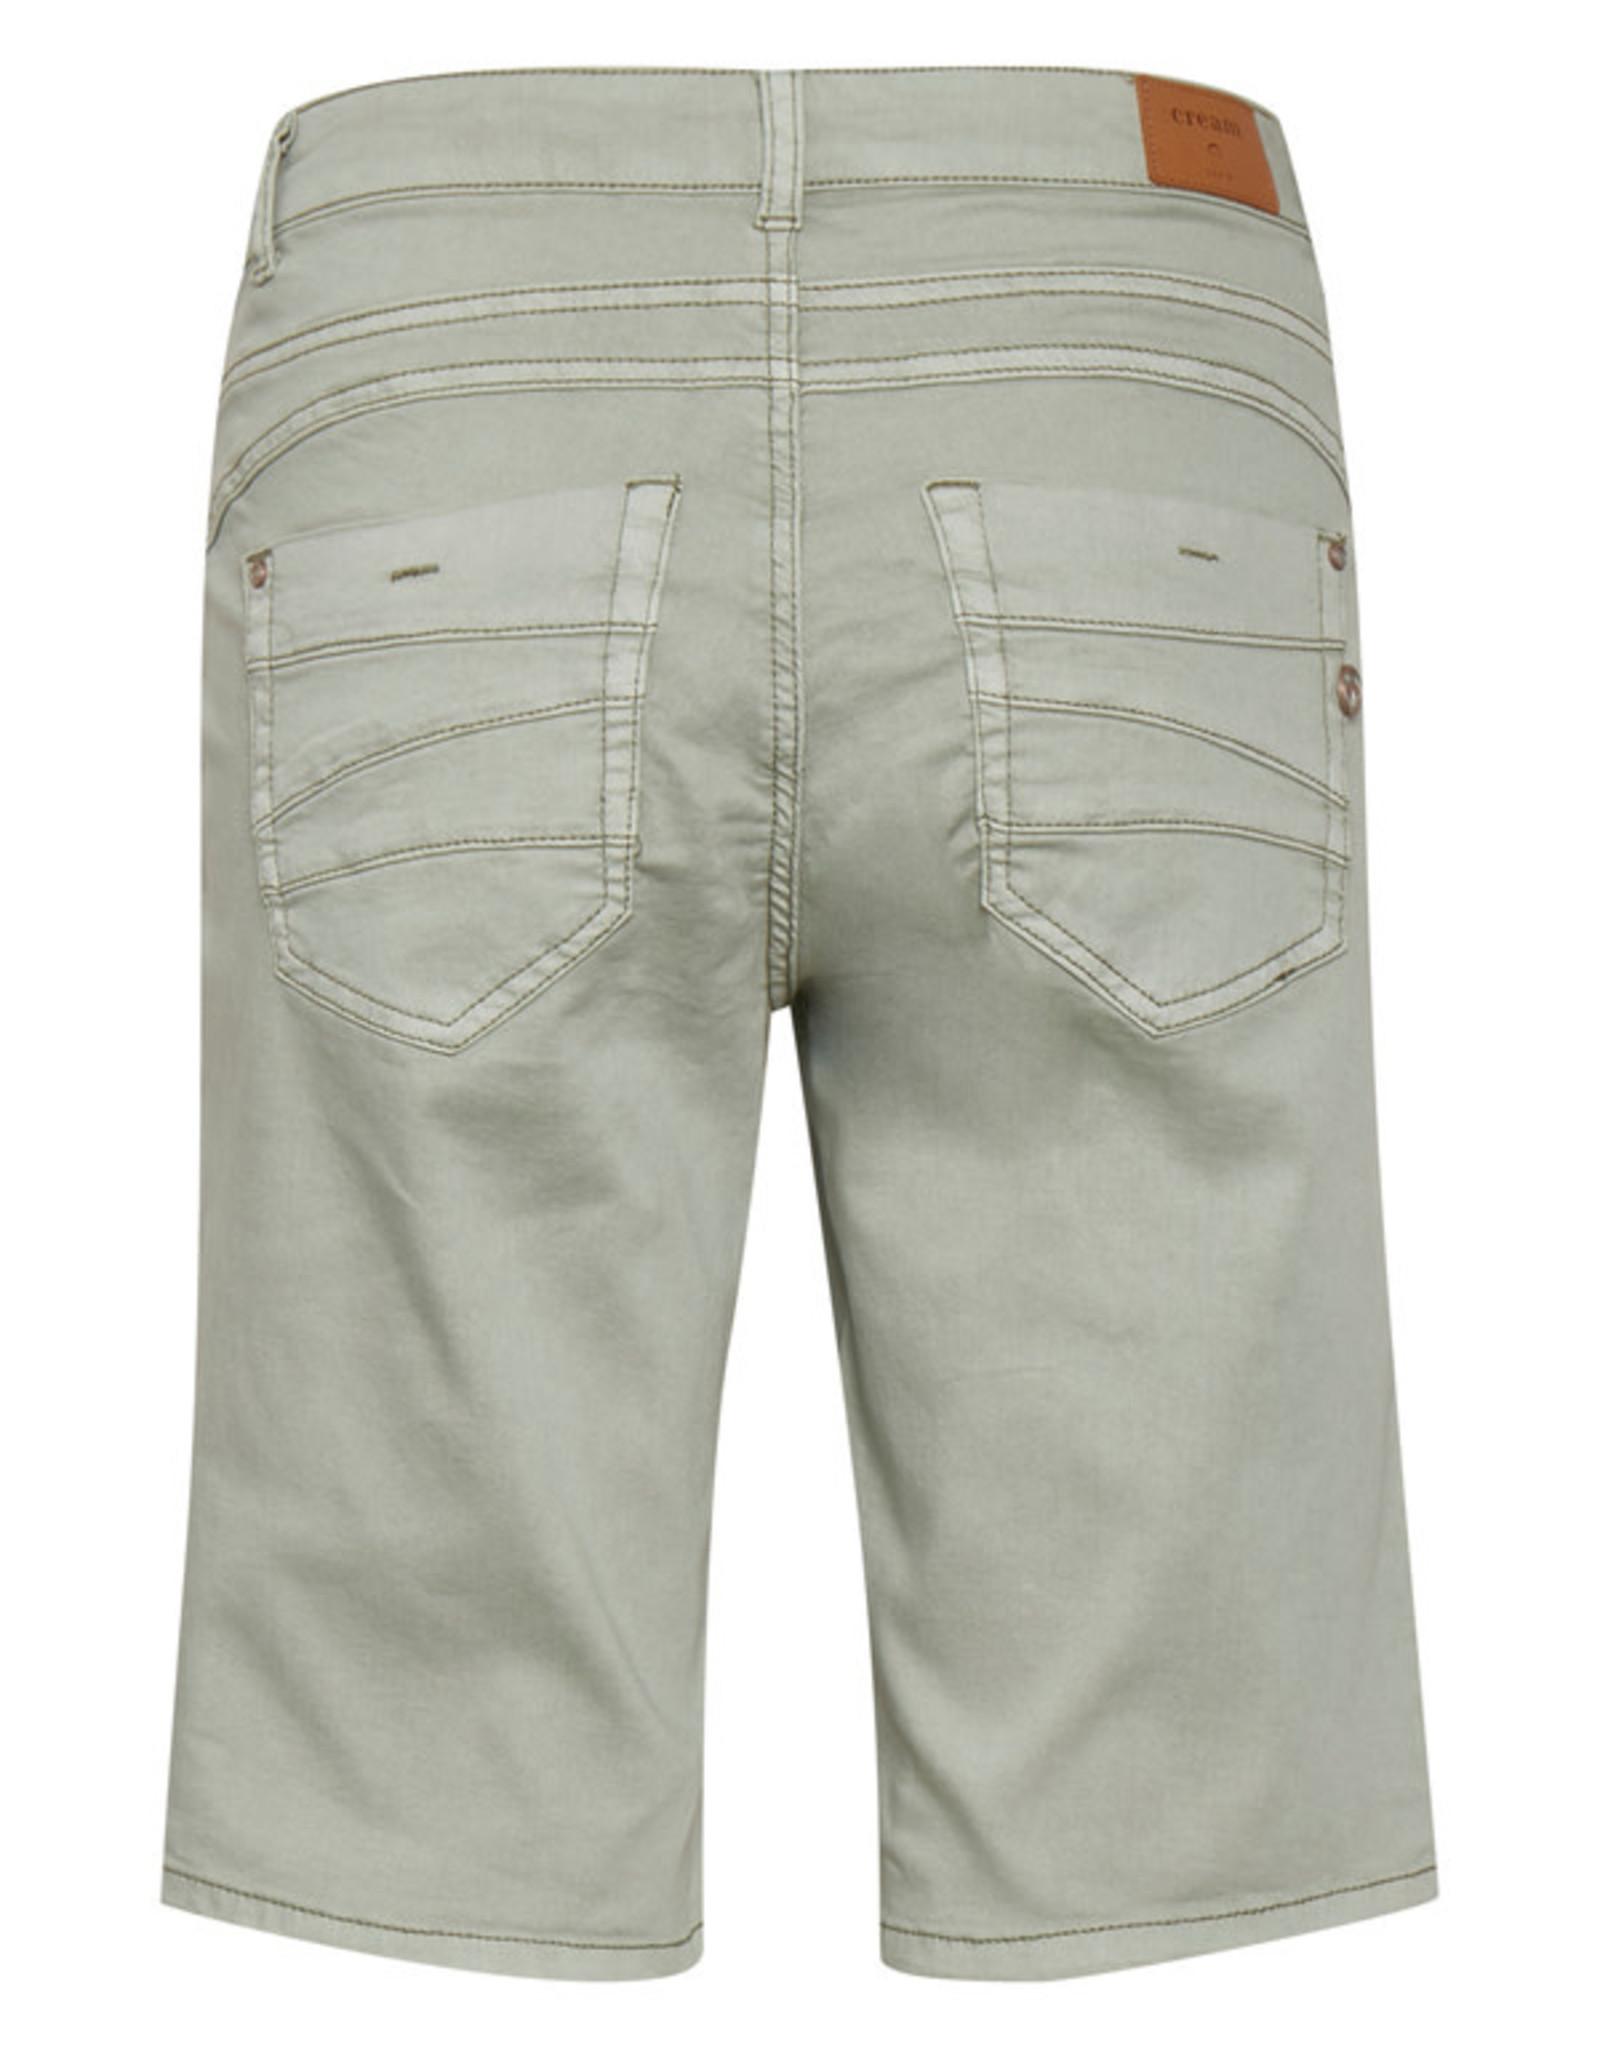 Cream Cream - VavaCR Shorts - Coco Fit